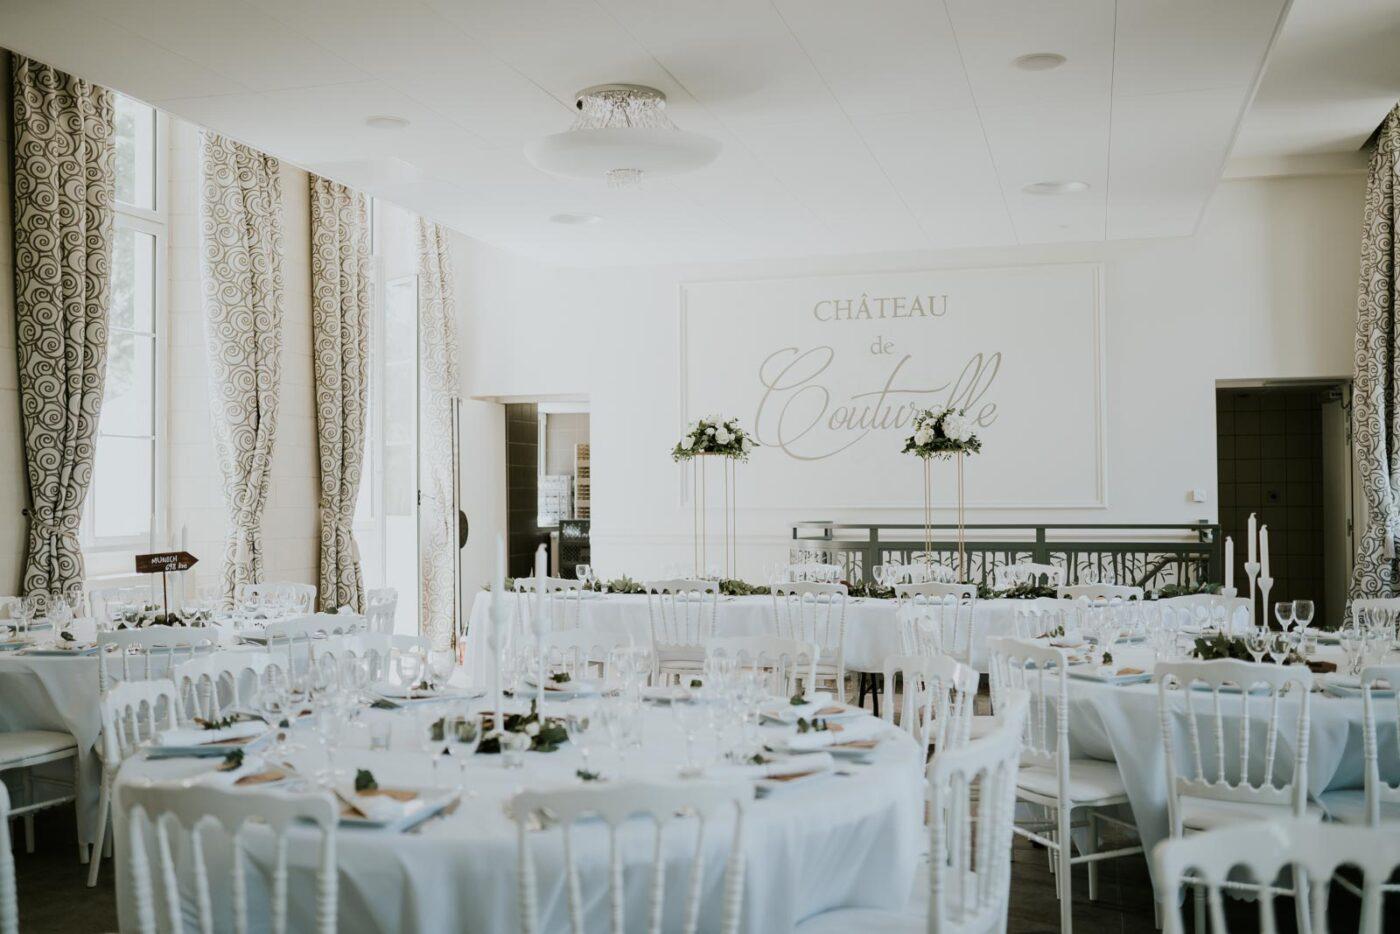 Salle de réception - Château de Couturelle.